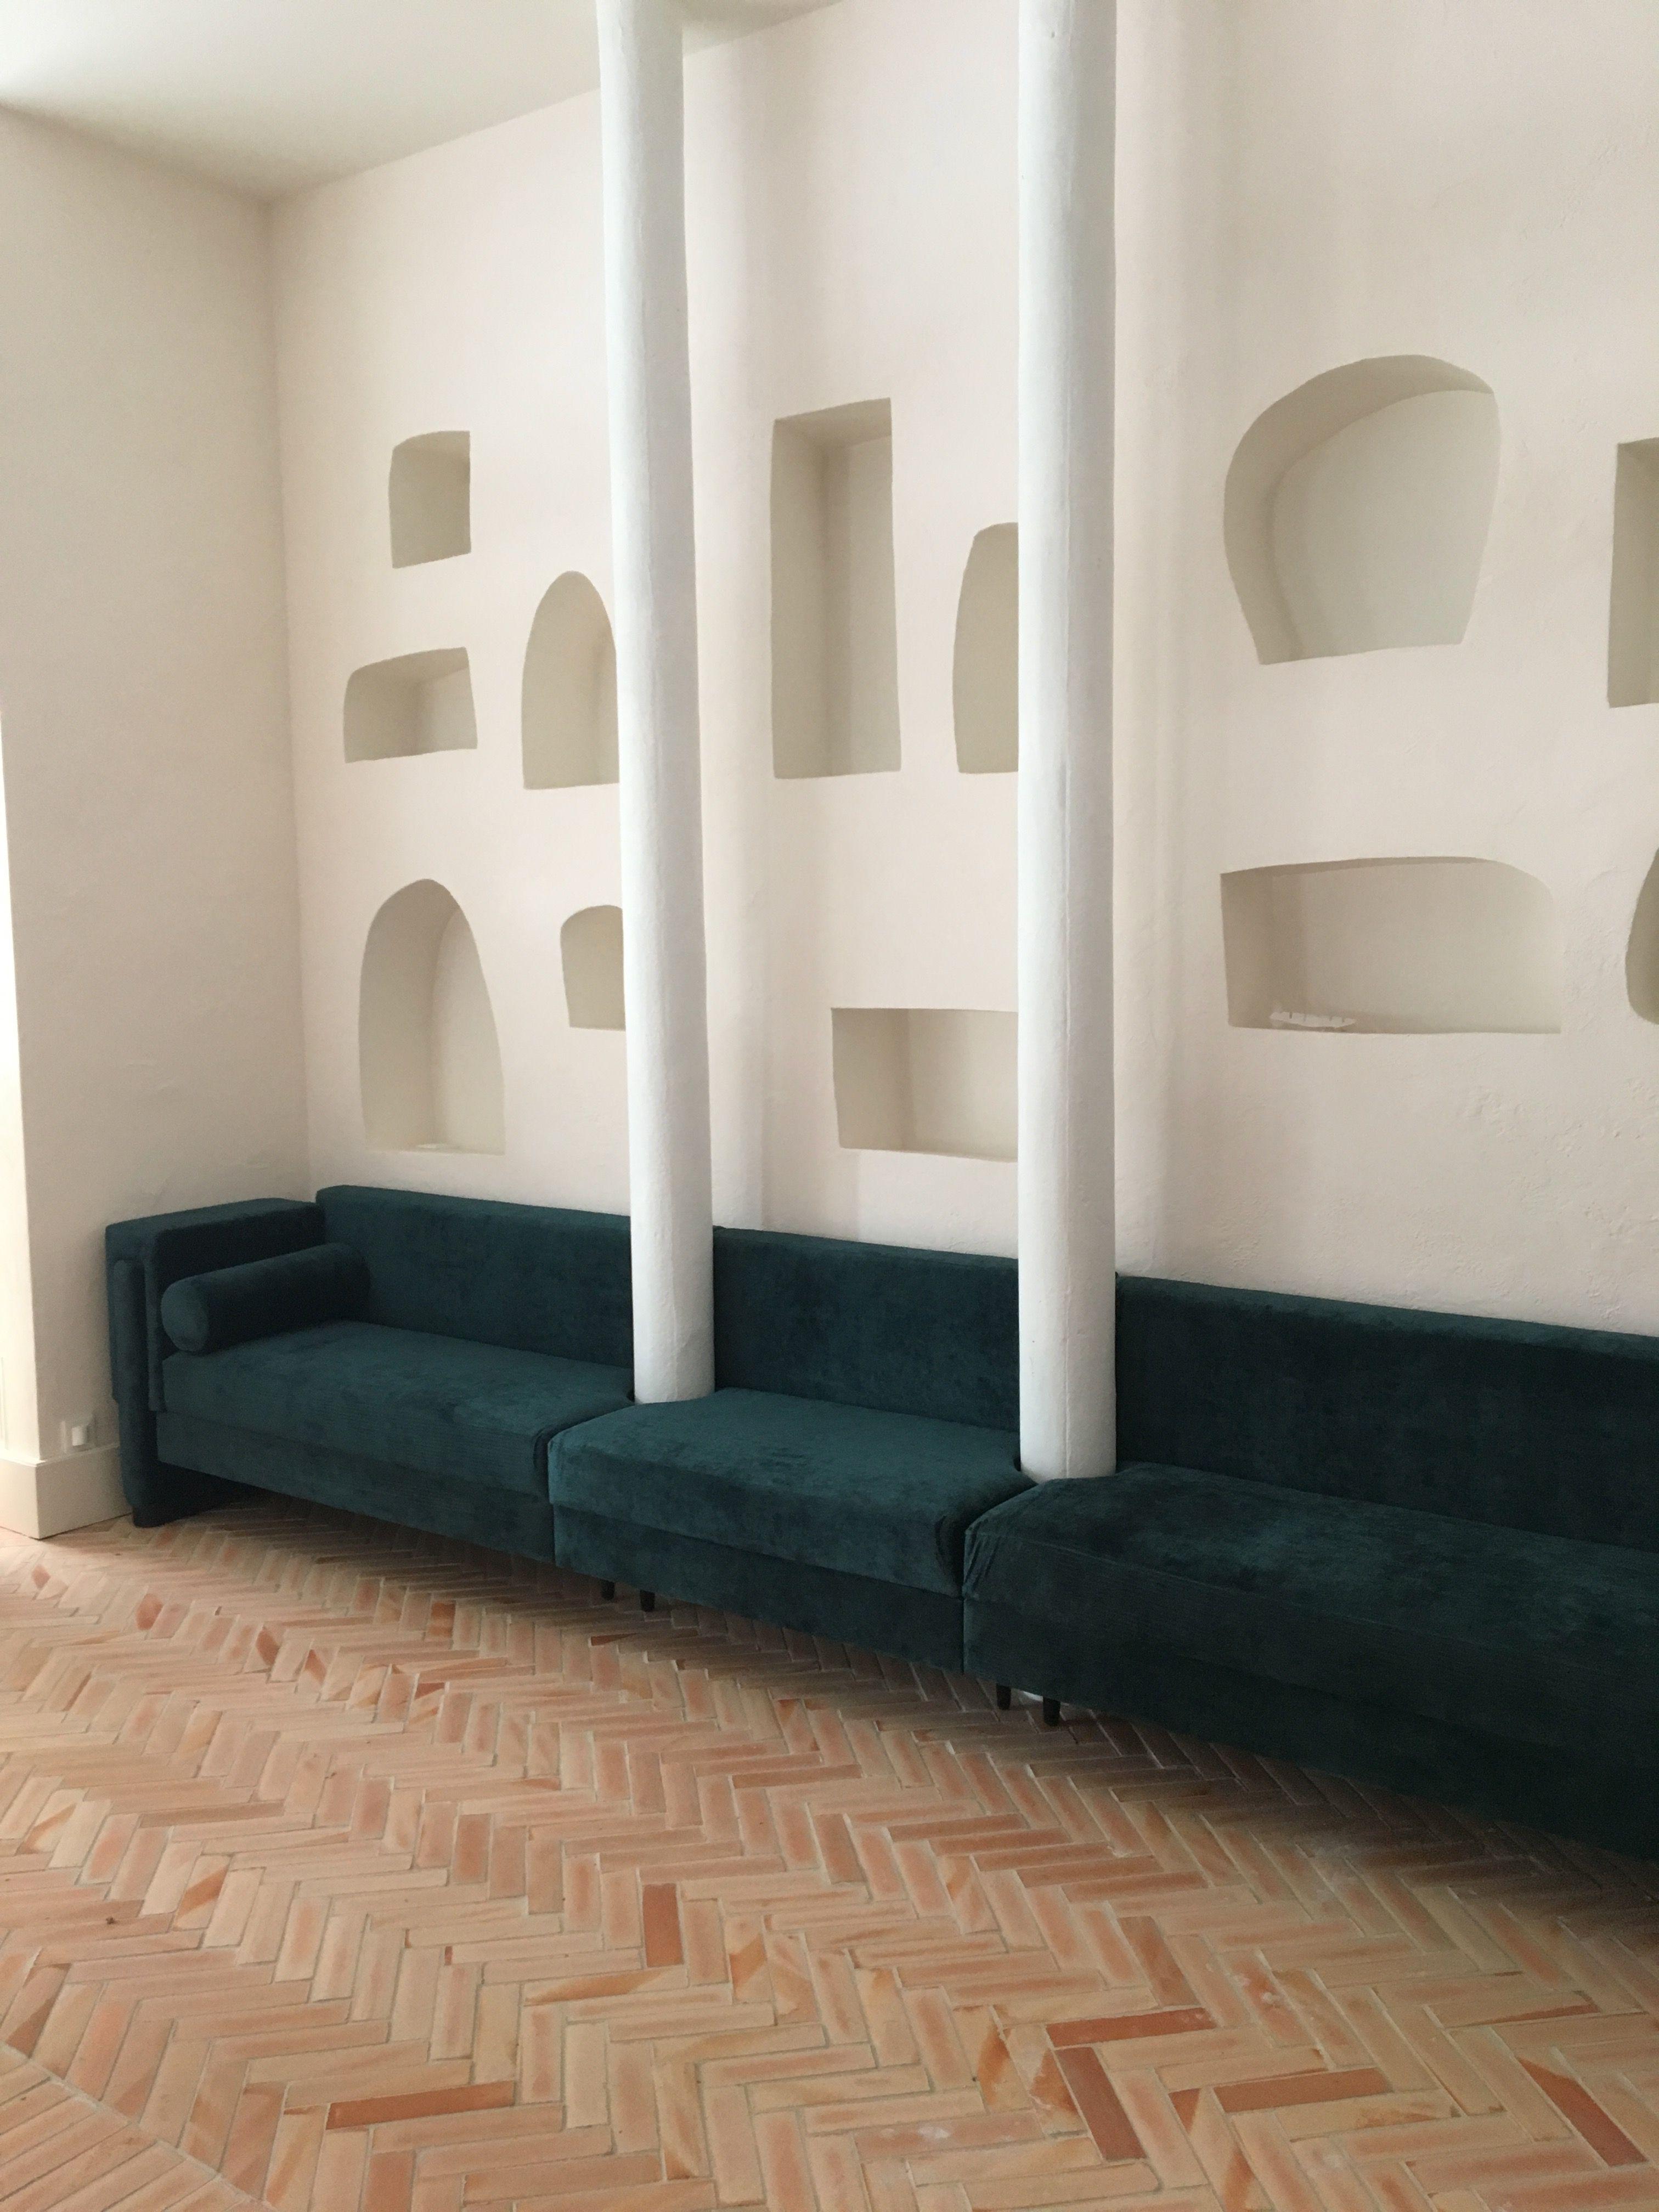 Les Coulisses De L Amenagement De La Riviera En 2020 Deco Maison Architecture Durable Architecture Organique